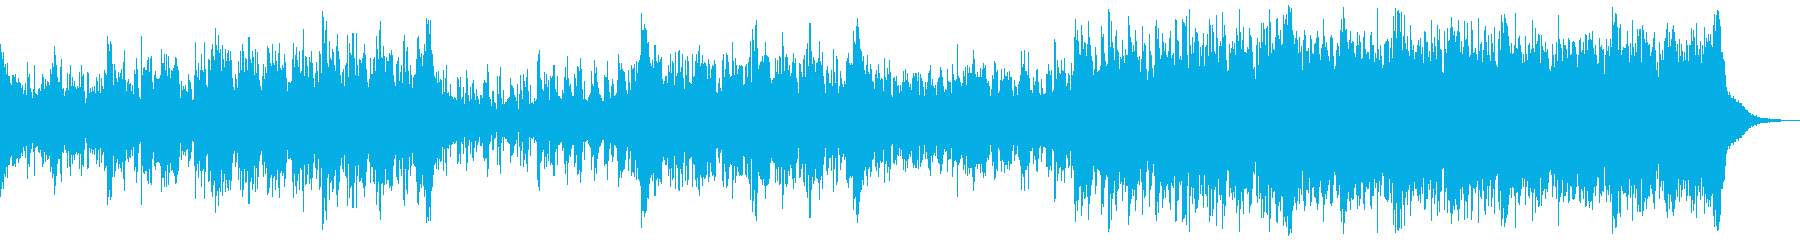 シネマティックEDM 対決、緊迫、緊張の再生済みの波形